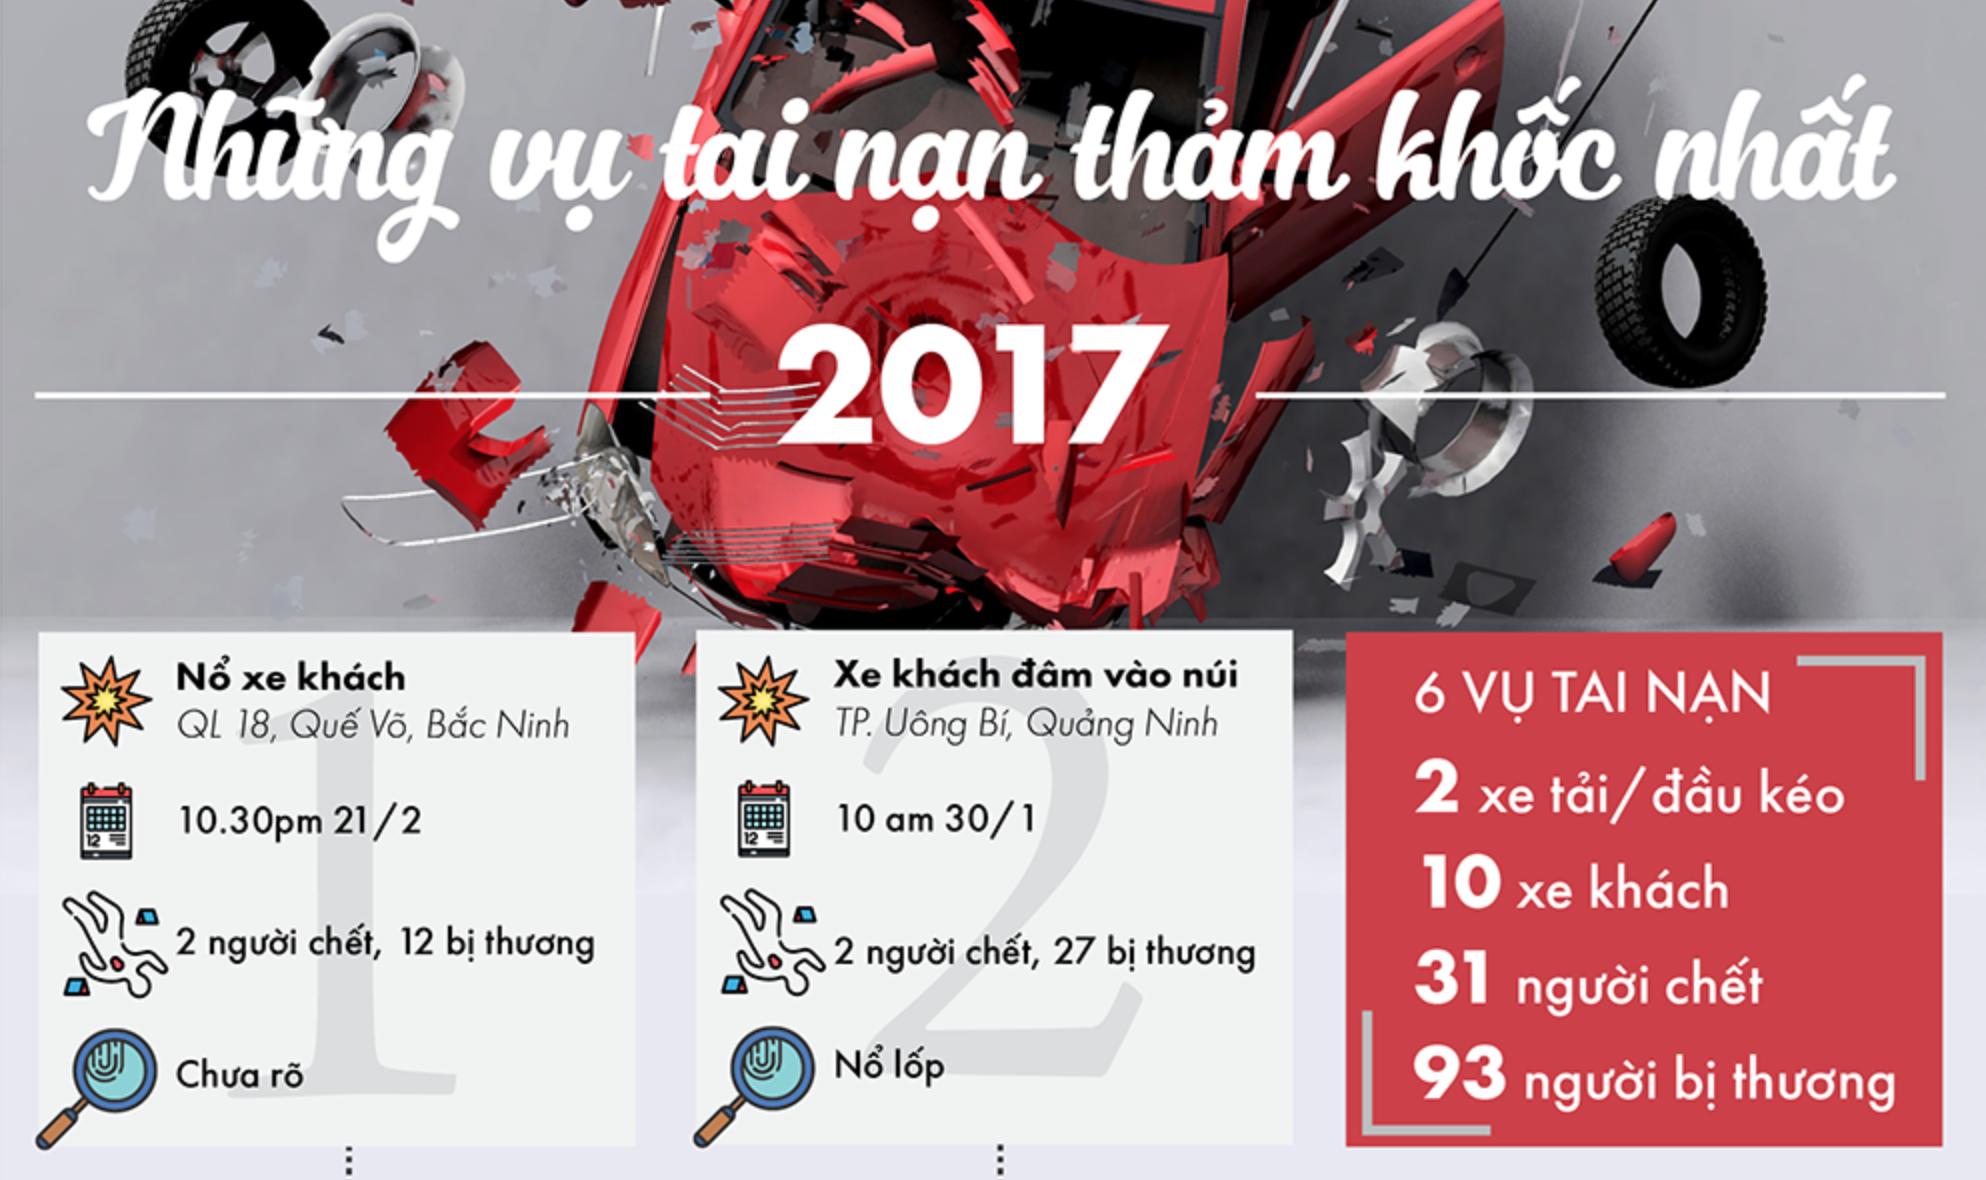 [Infographic] Những vụ tai nạn thảm khốc nhất 2017